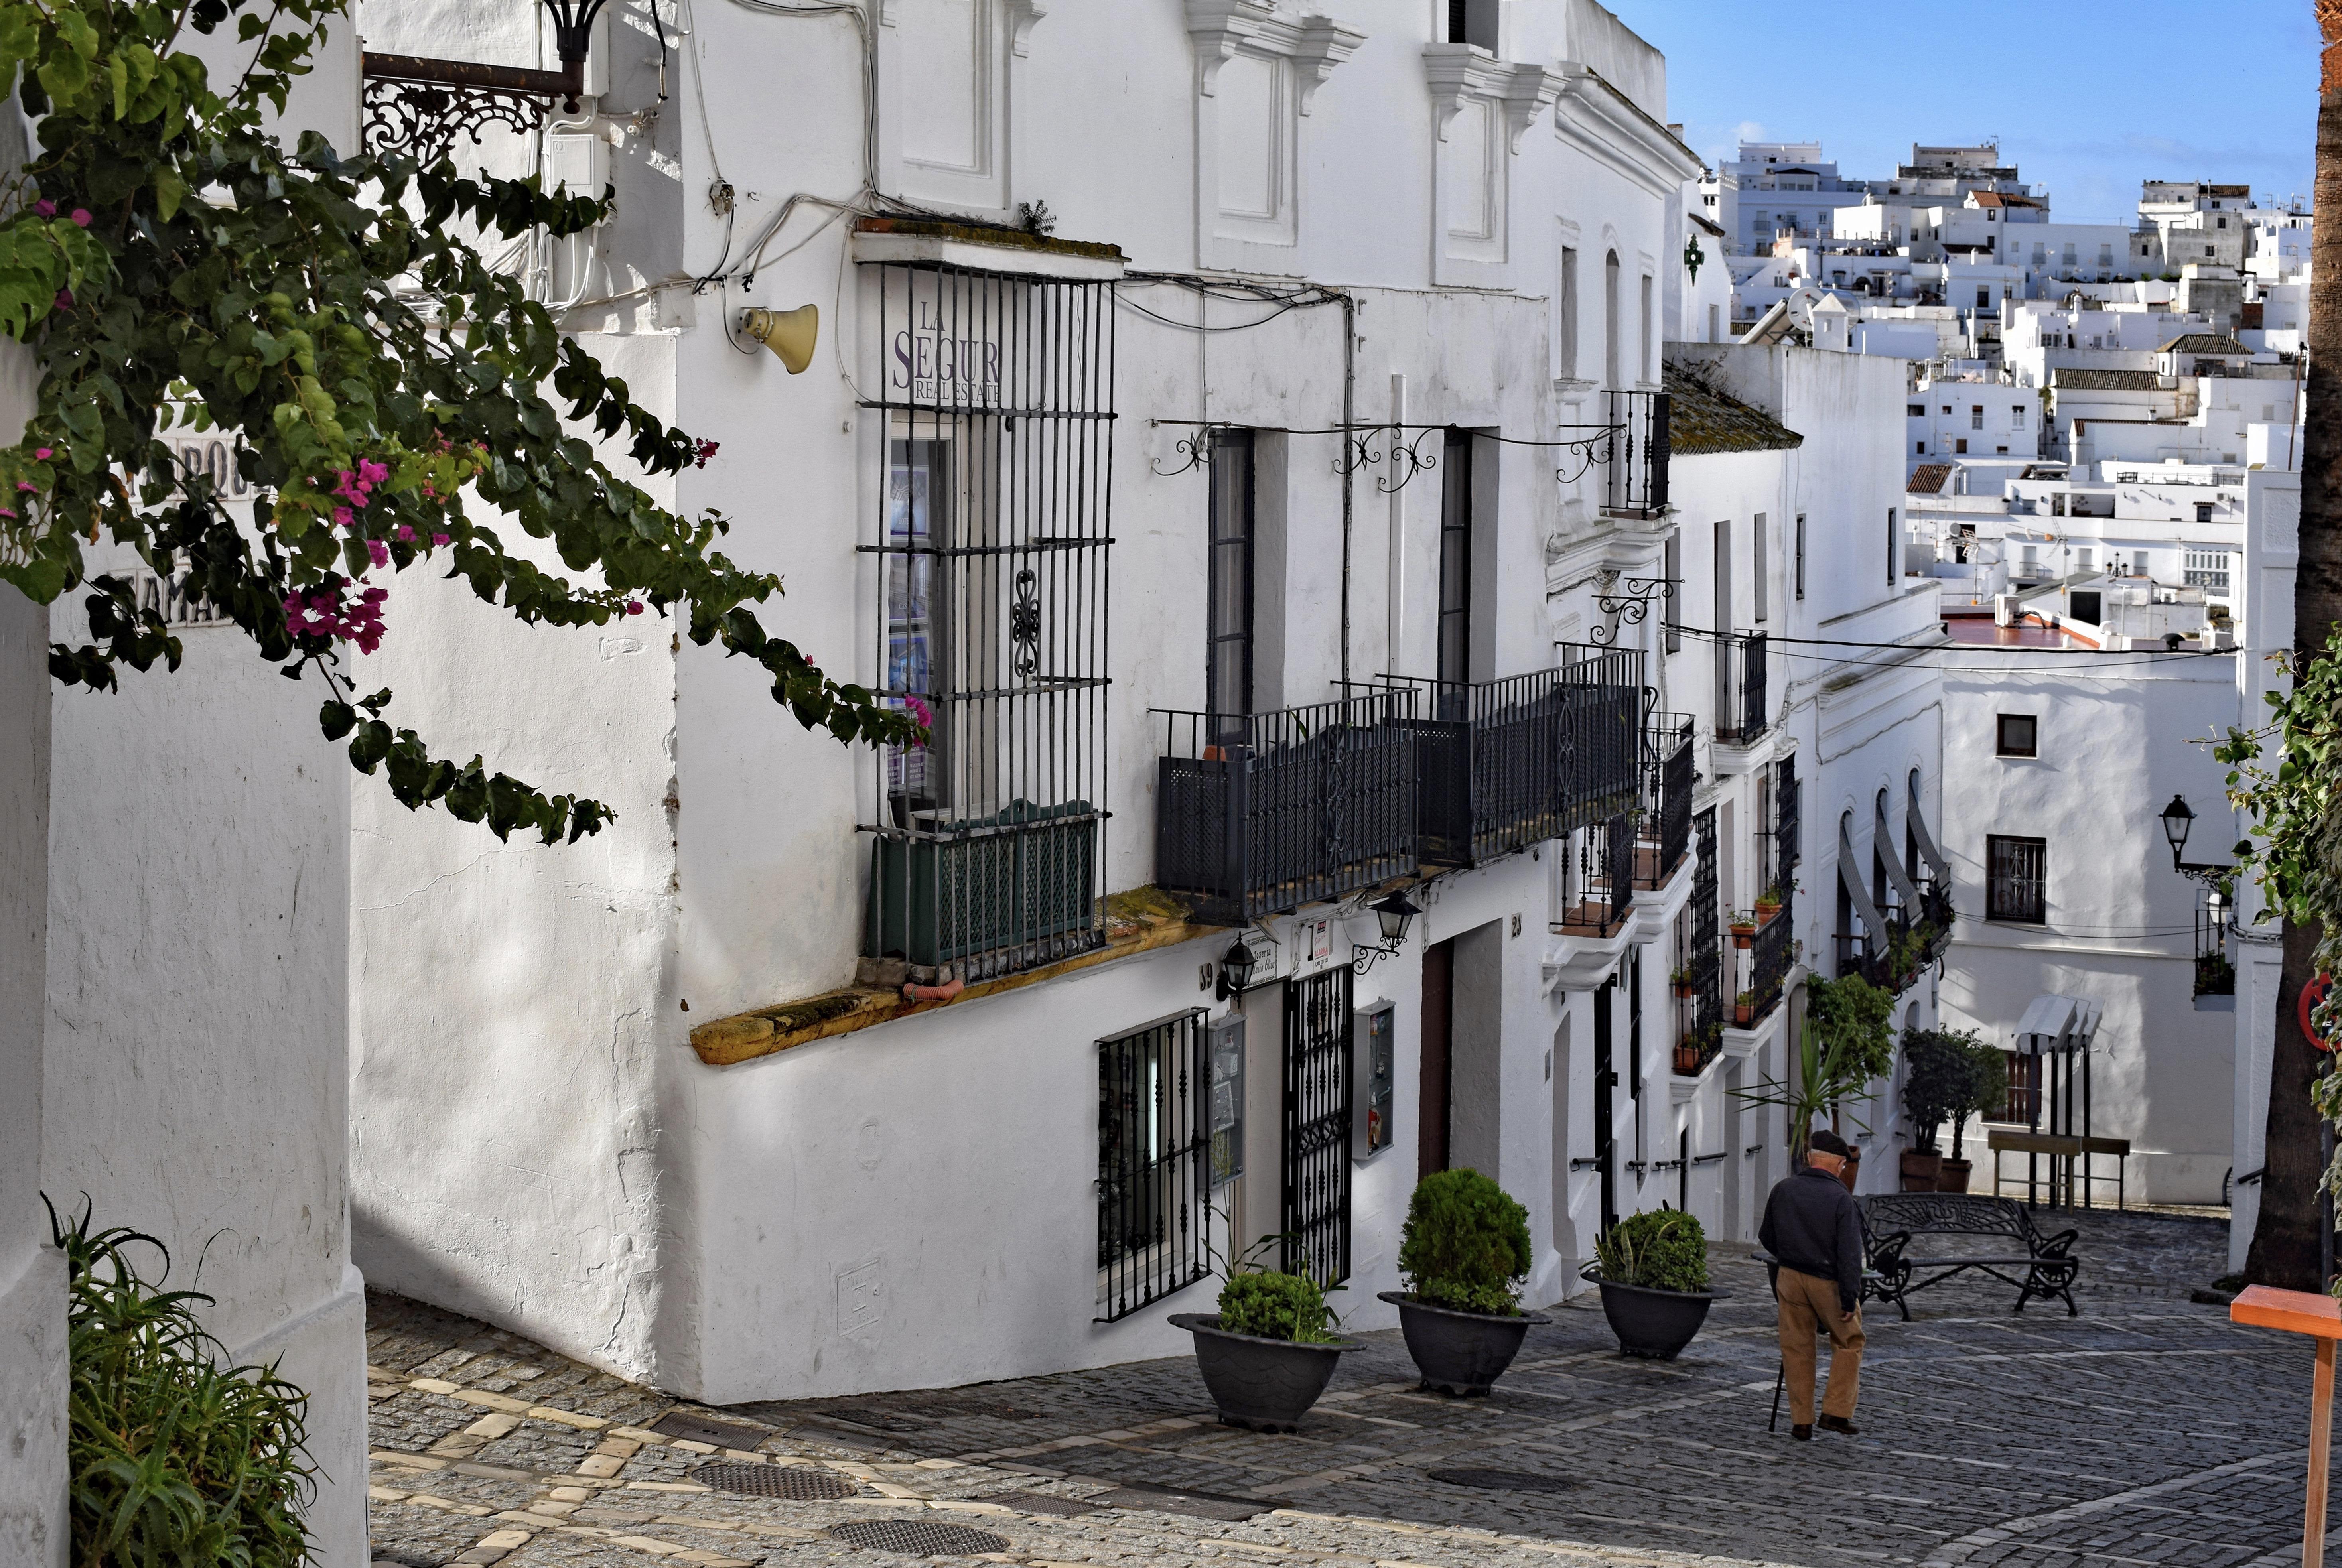 calles de veger de la Frontera, en Andalucía, donde todas las casas son blancas y los suelos empedrados